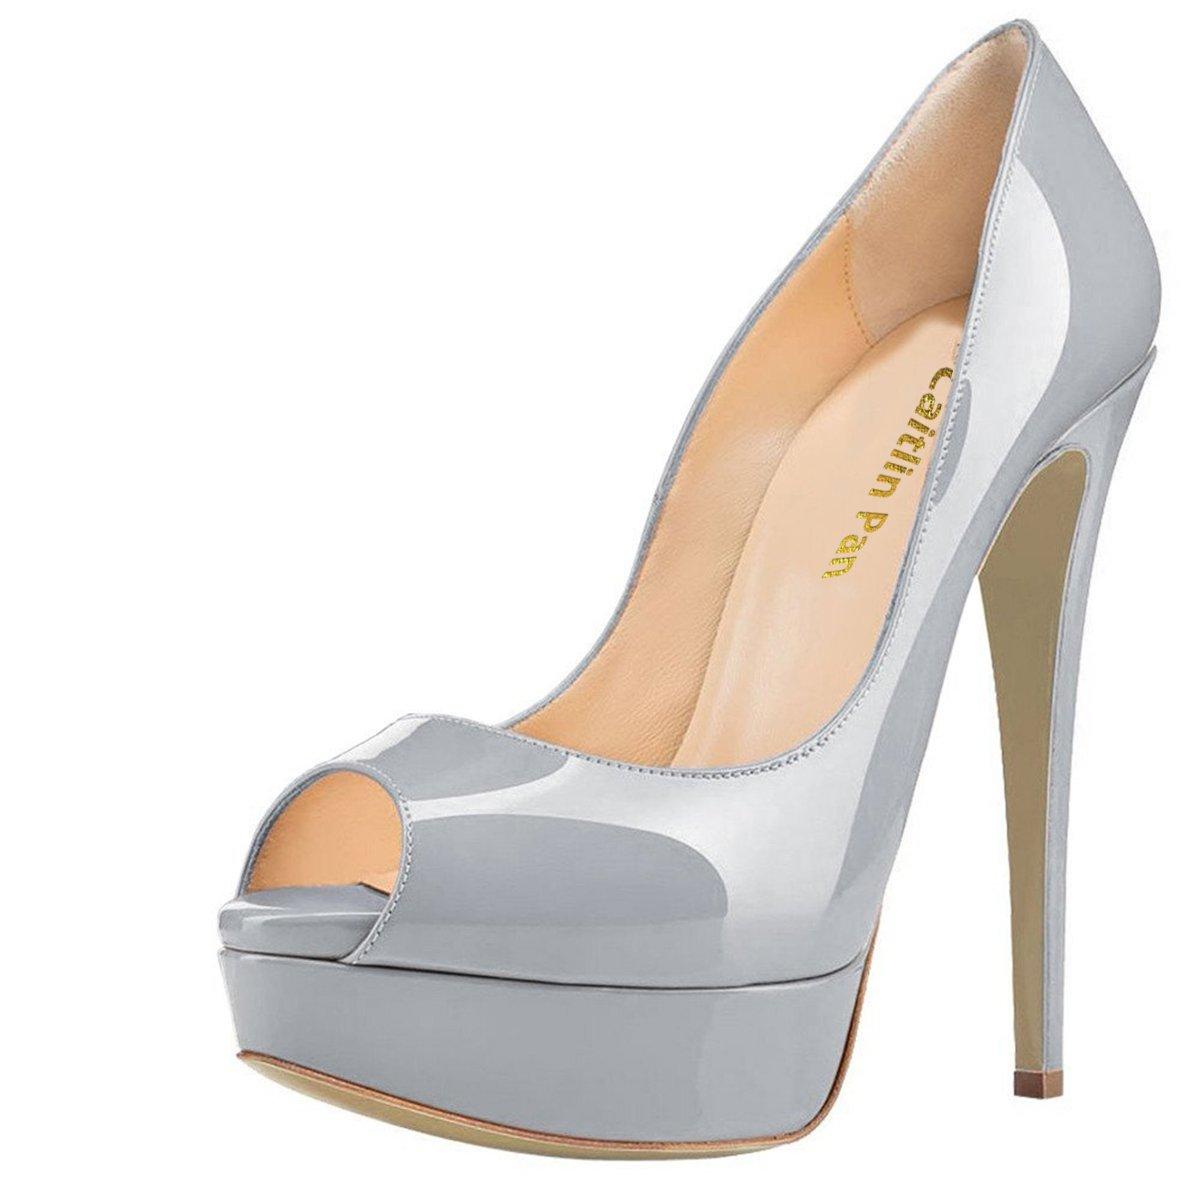 Caitlin Toe Pan Femmes Escarpins Open Plateforme 15CM Escarpins Peep 12017 Toe 3CM Plateforme Talon Chaussures Open Toe 35-45 Grey/Fond R0uge b8d8db0 - reprogrammed.space